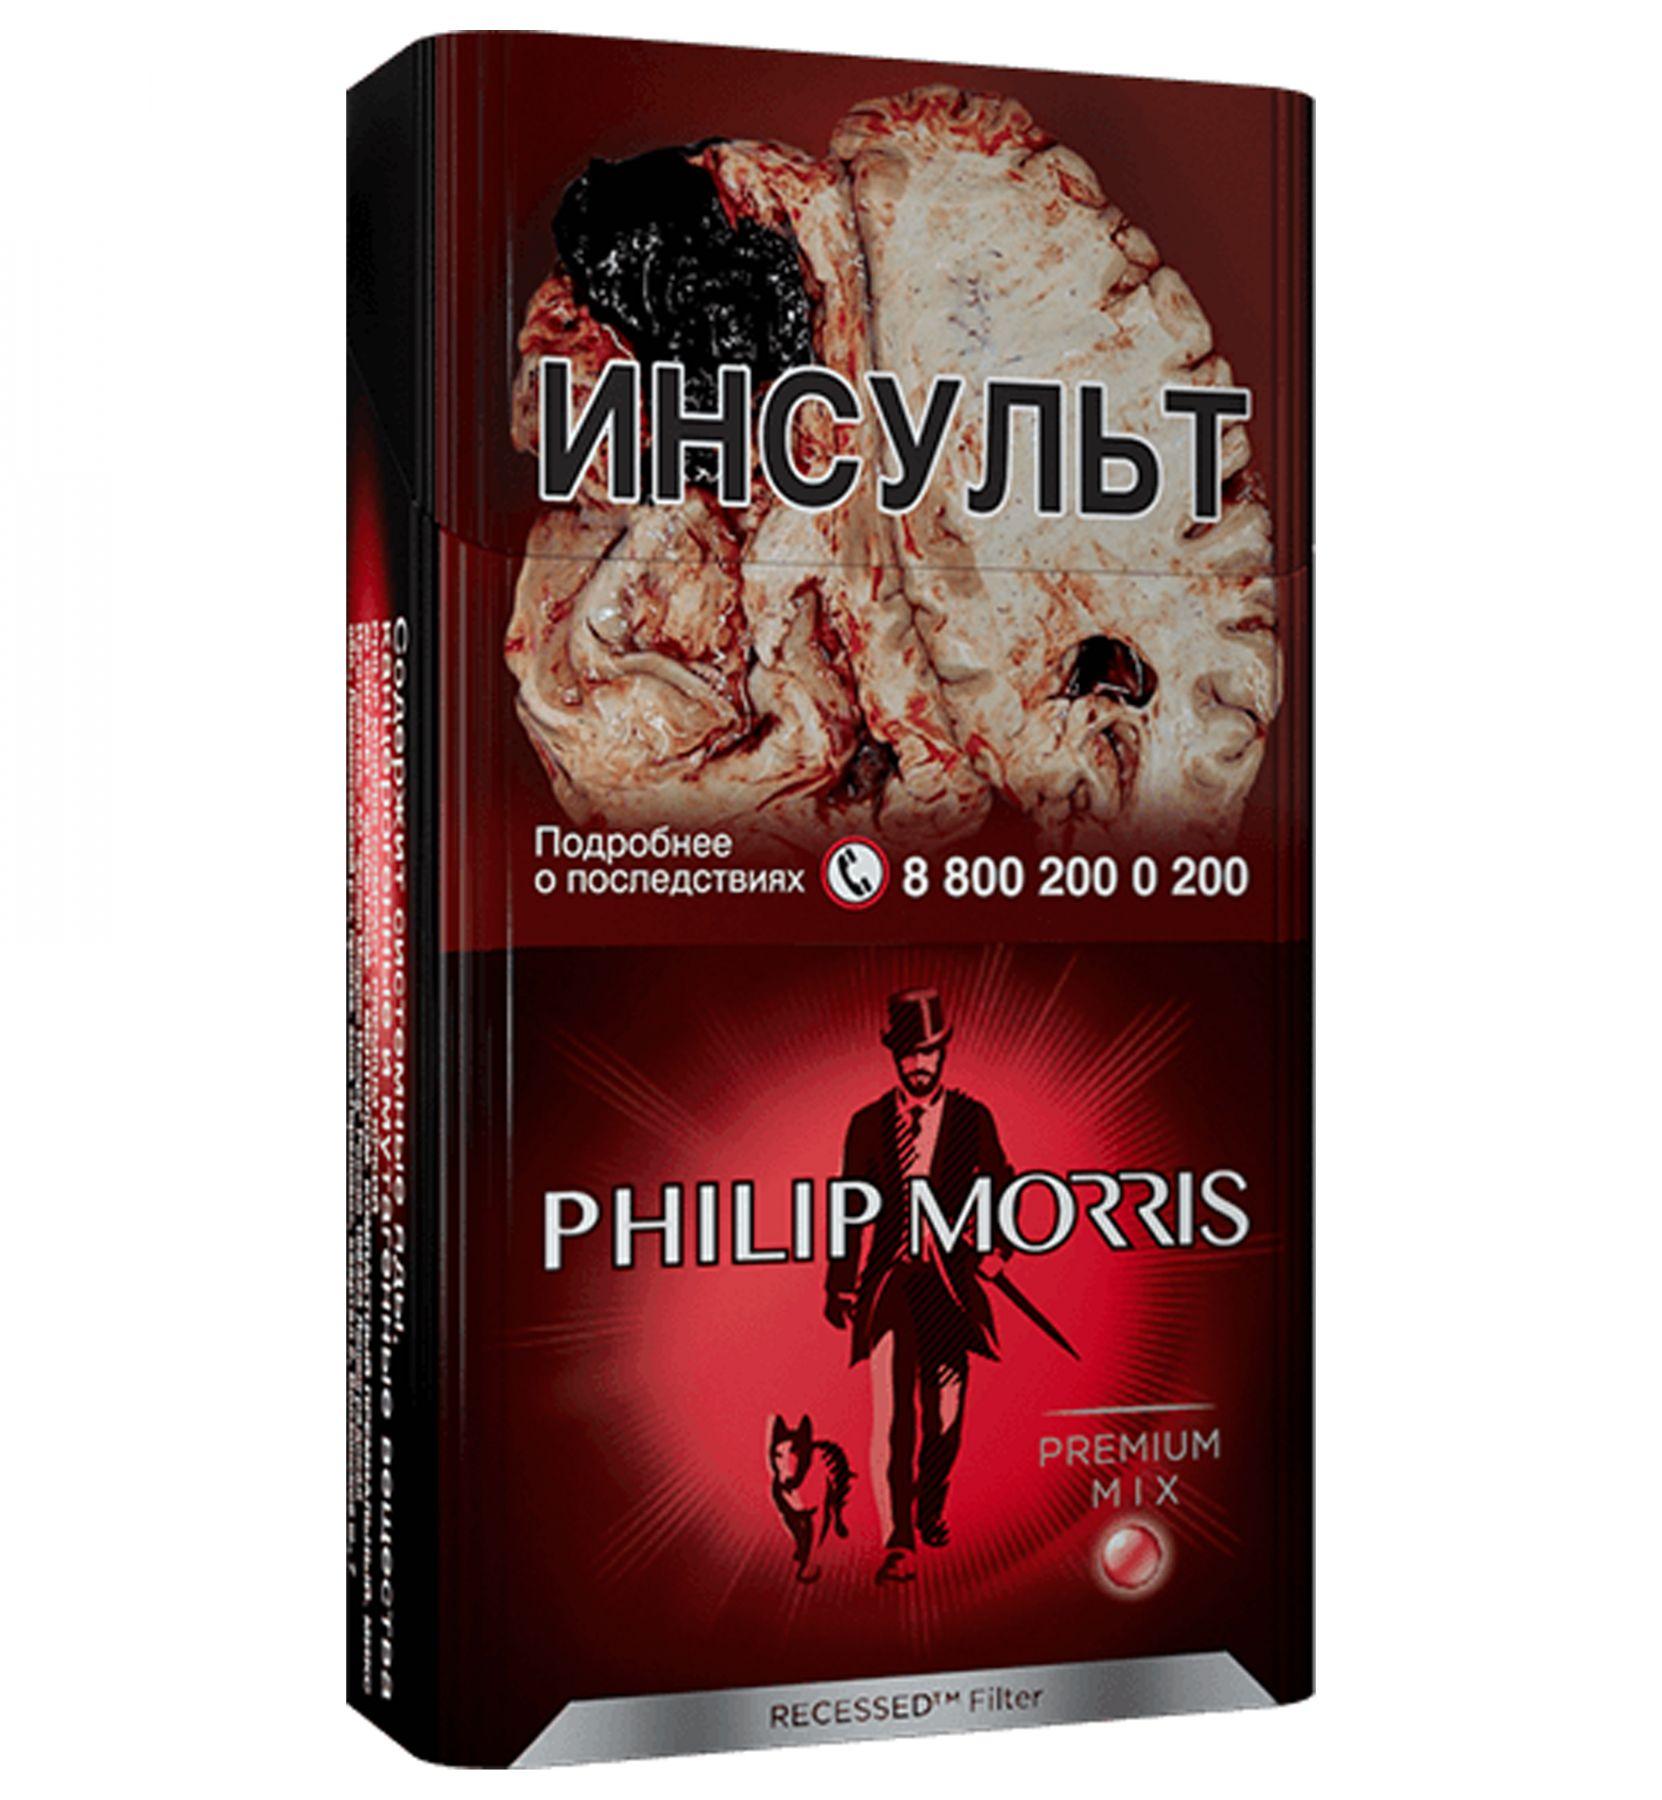 philip morris сигареты купить спб